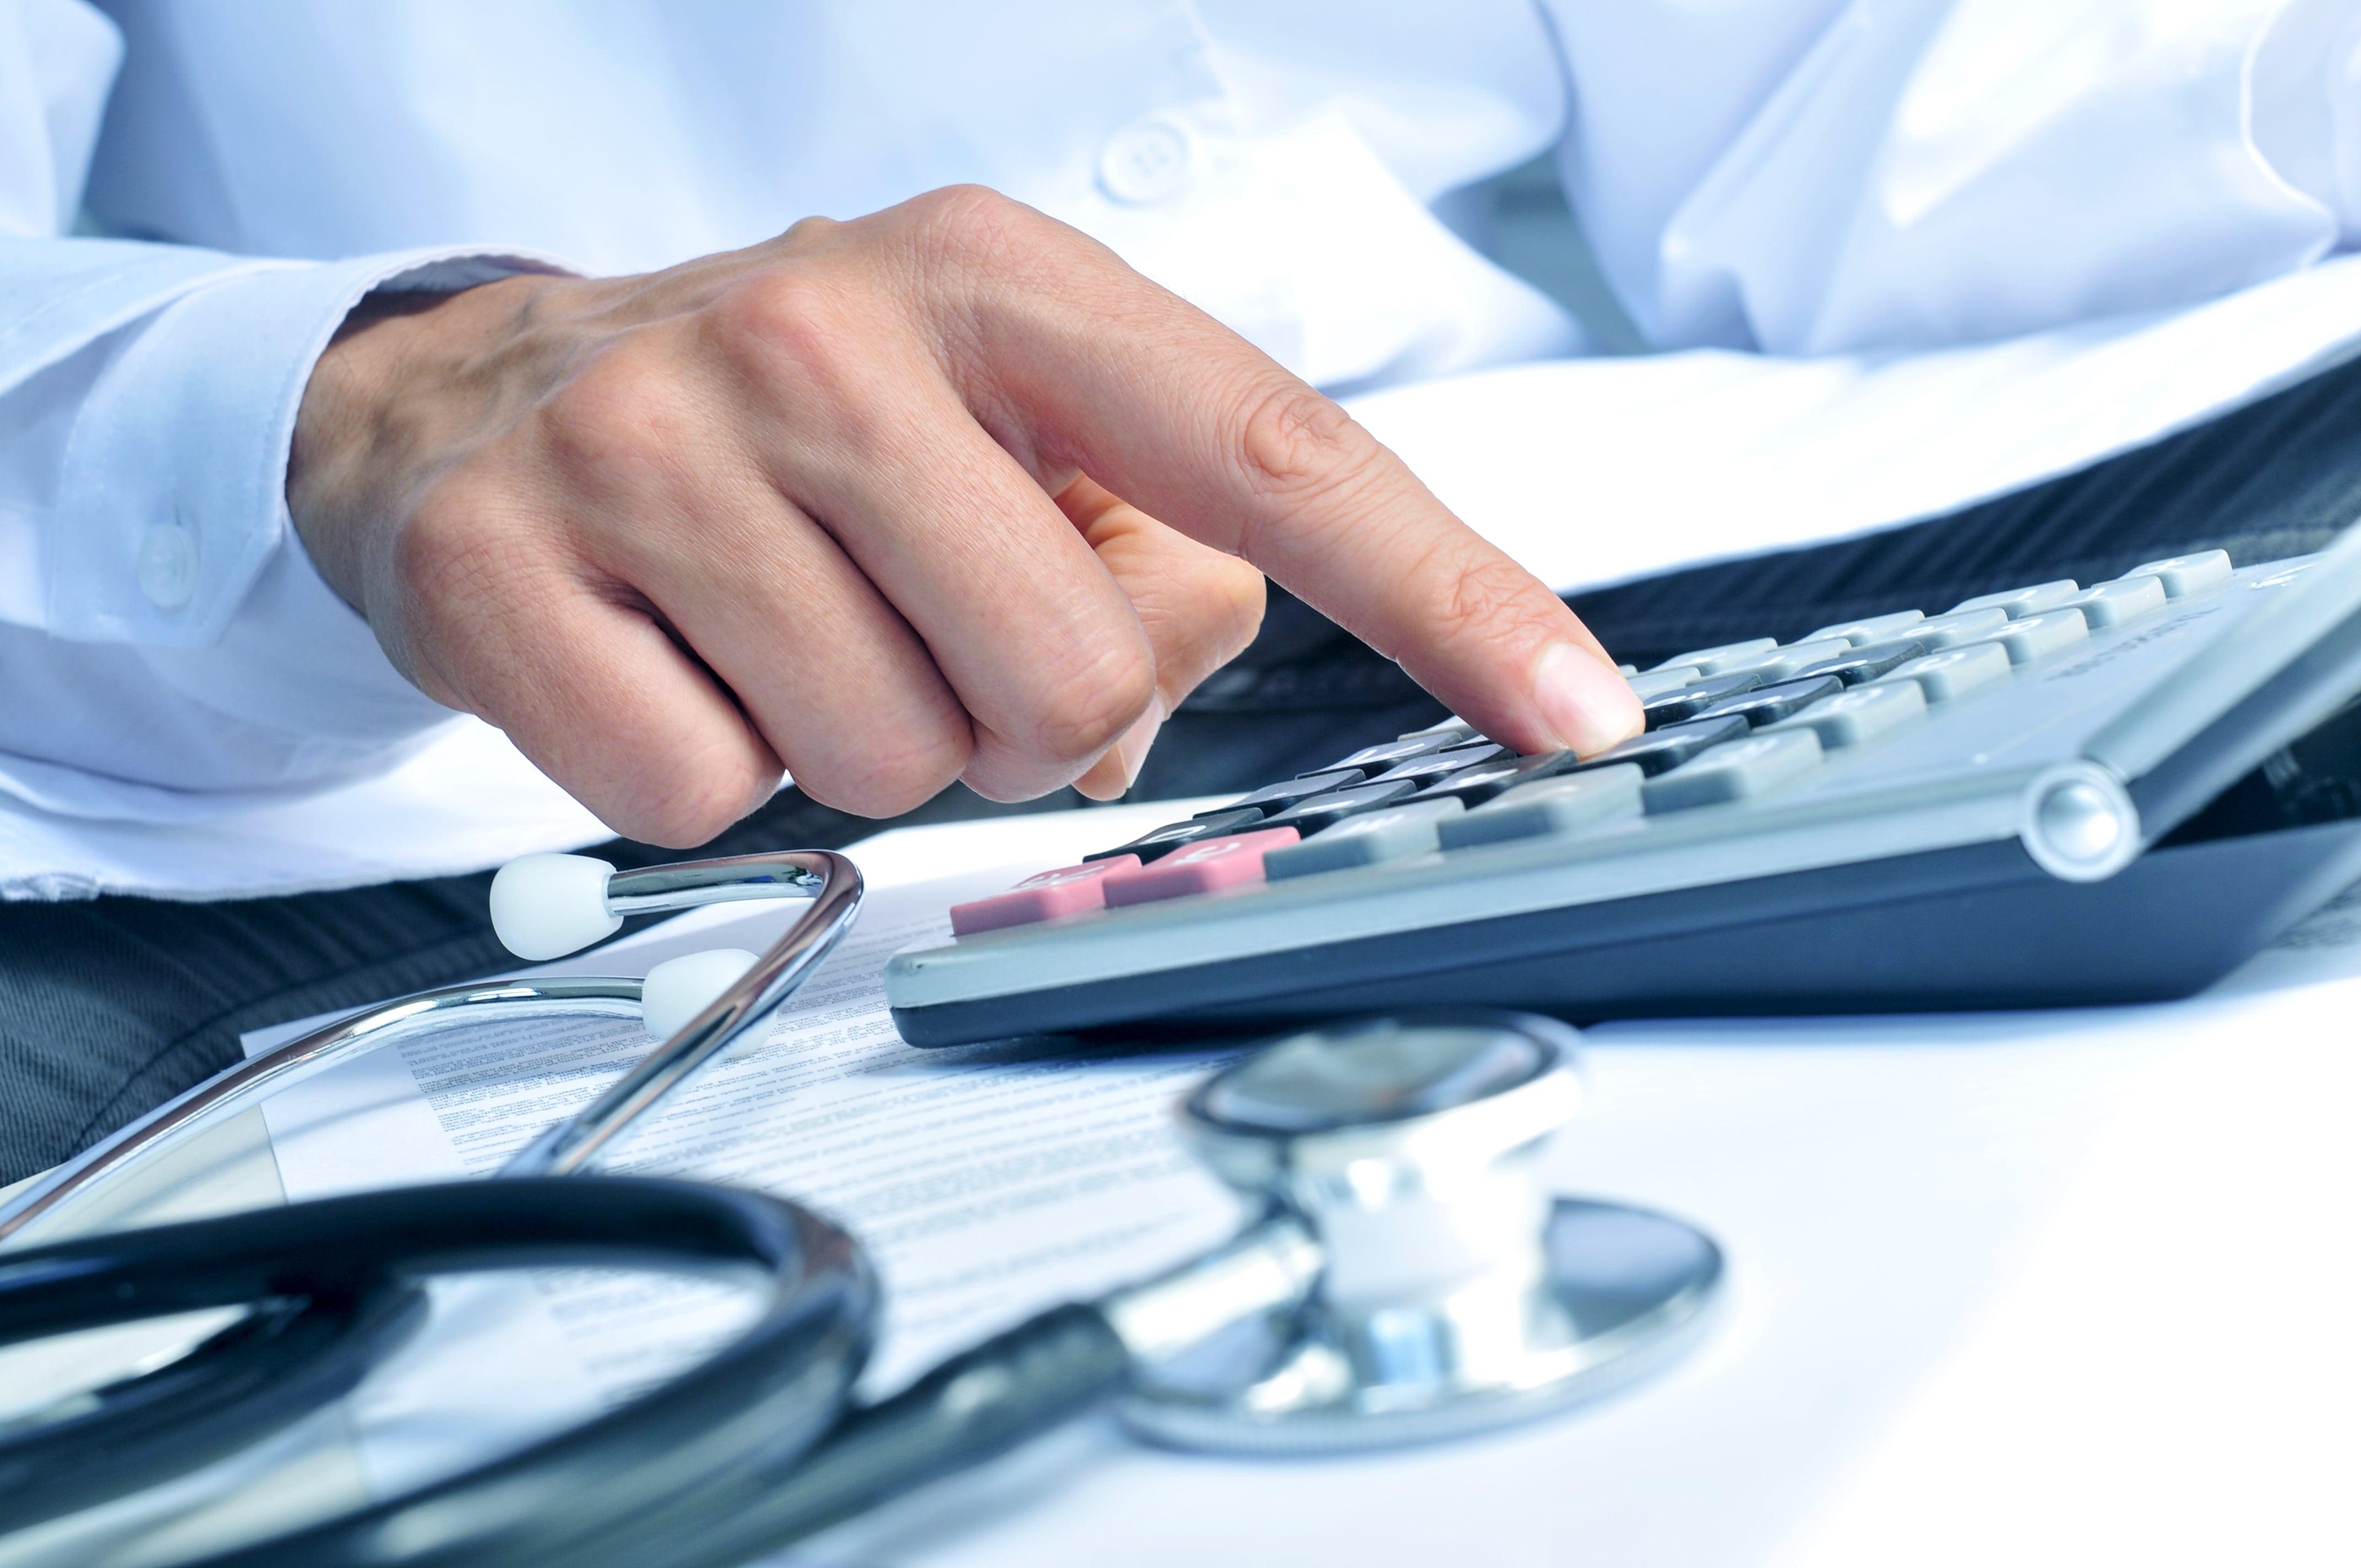 介護保険「2割」拡大先送り 厚労省が見直し案